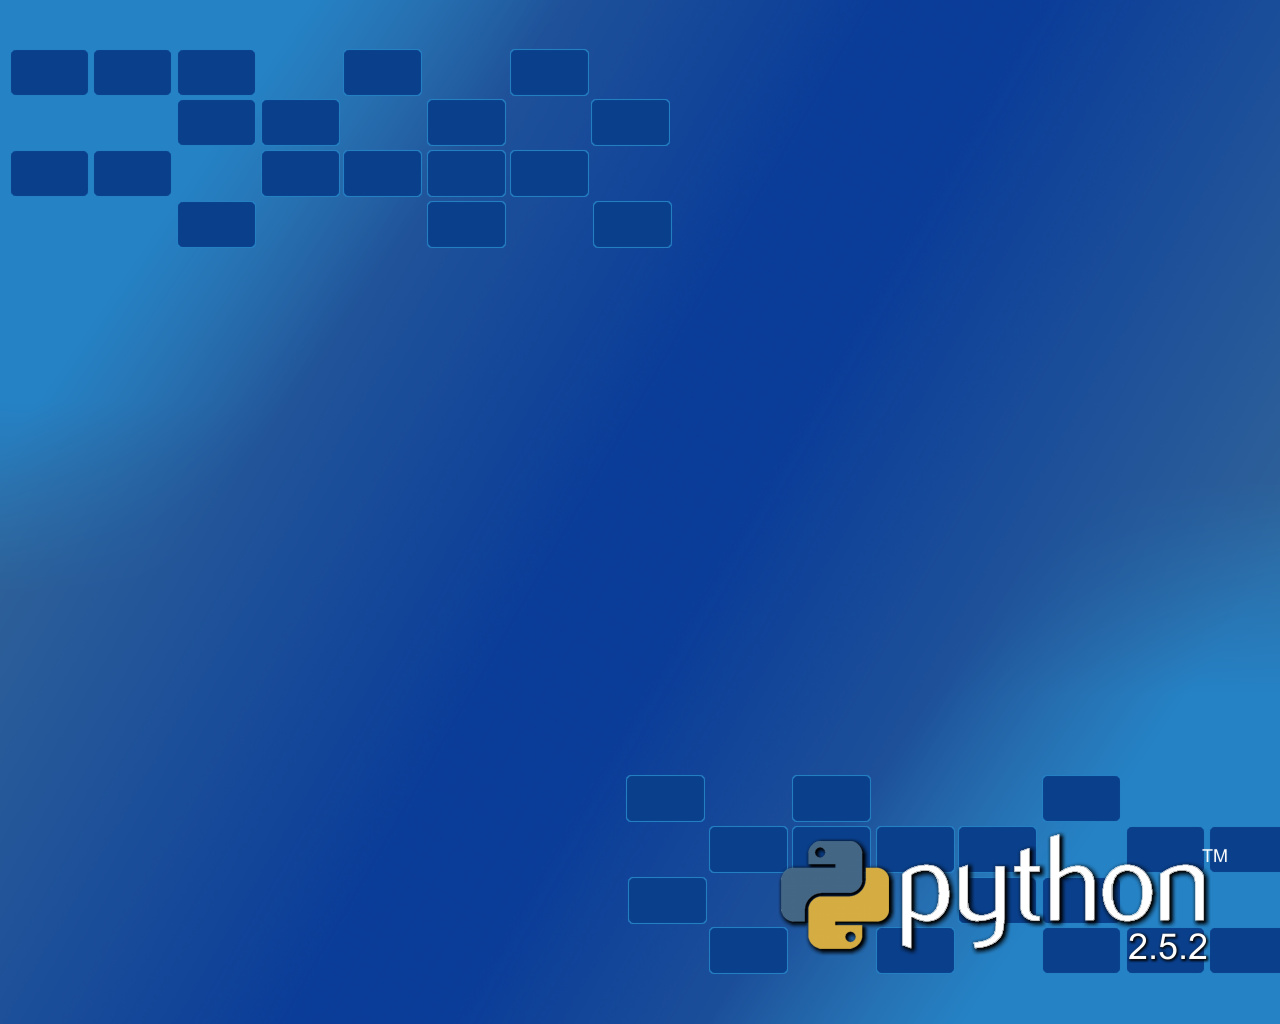 python language wallpaper